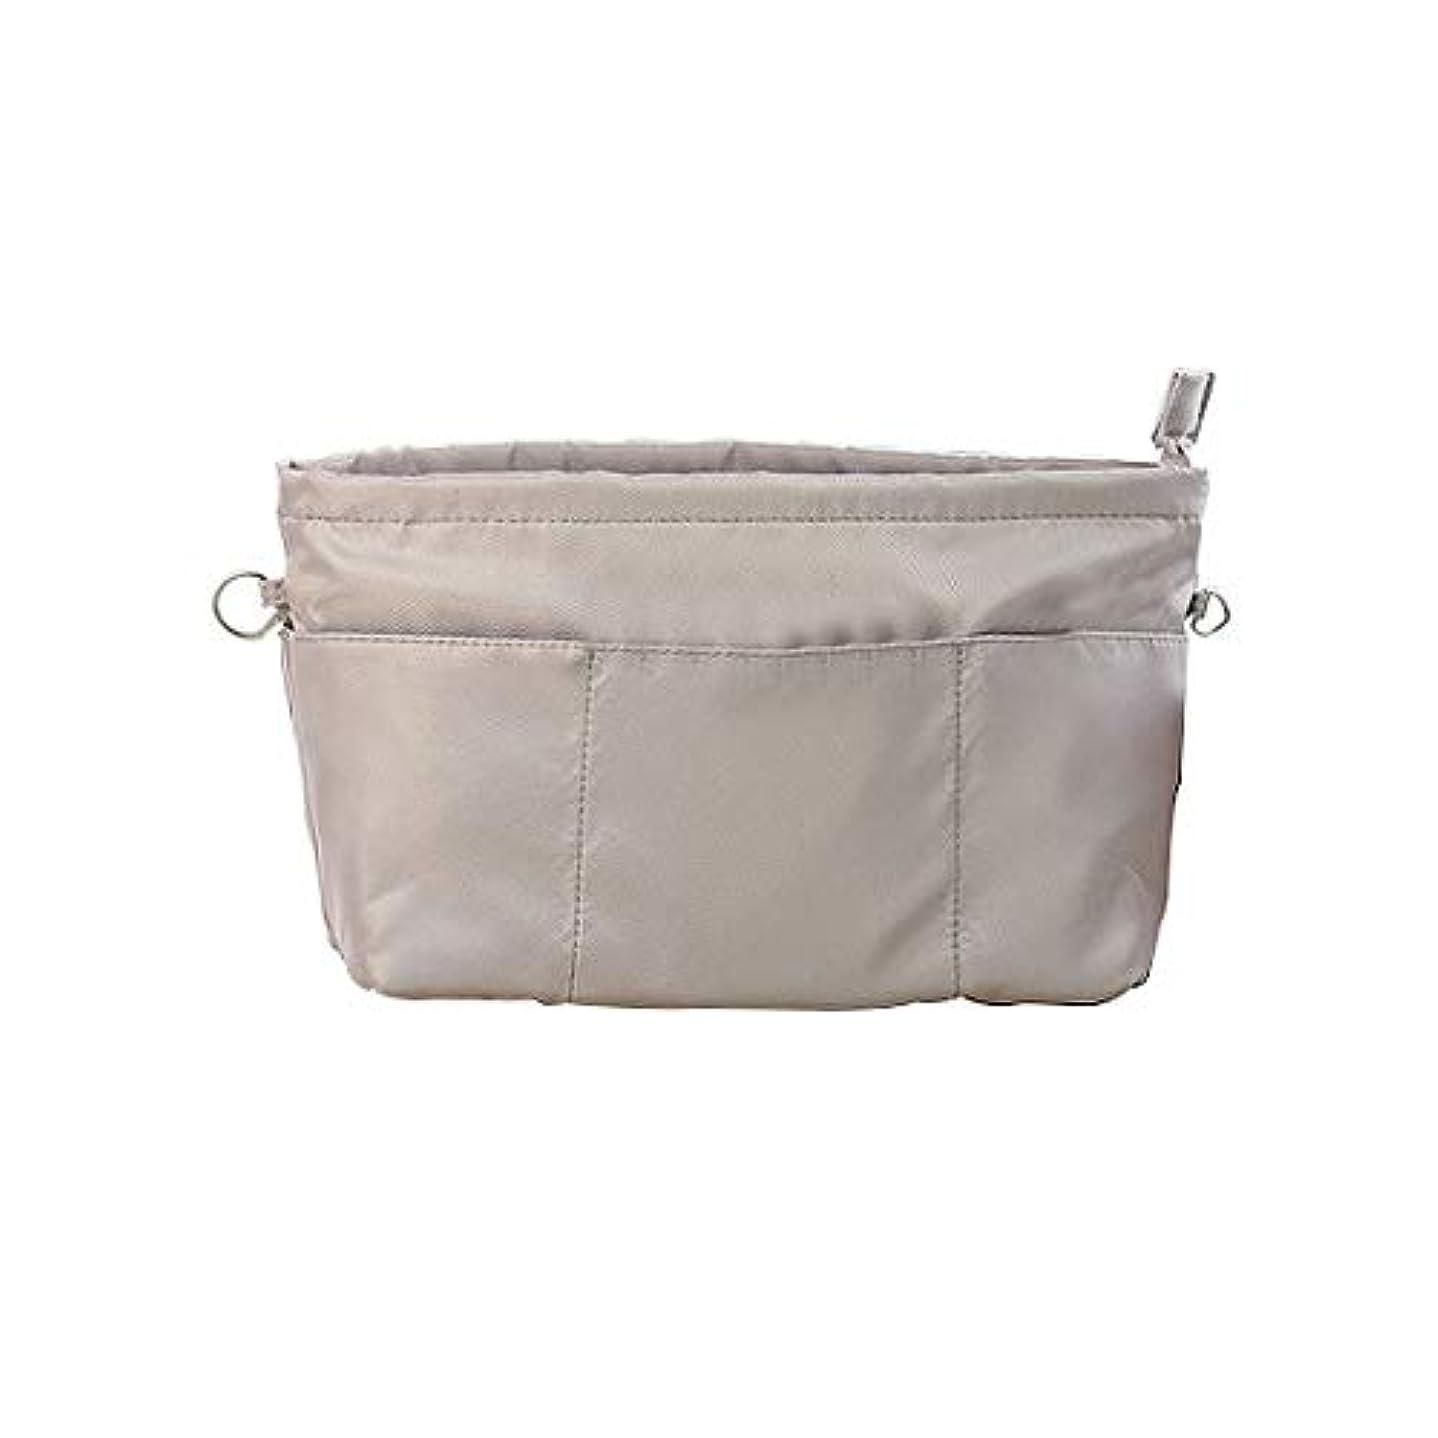 全能場所デイジーSurui バッグインバッグ インナーバッグ 収納ホルダー バッグ イン バッグ レディース 収納ポーチ 多機能 ホルダー 化粧ポーチ ハンドバッグ 女性 おしゃれ 収納 化粧品バッグ 化粧ホルダー 大容量